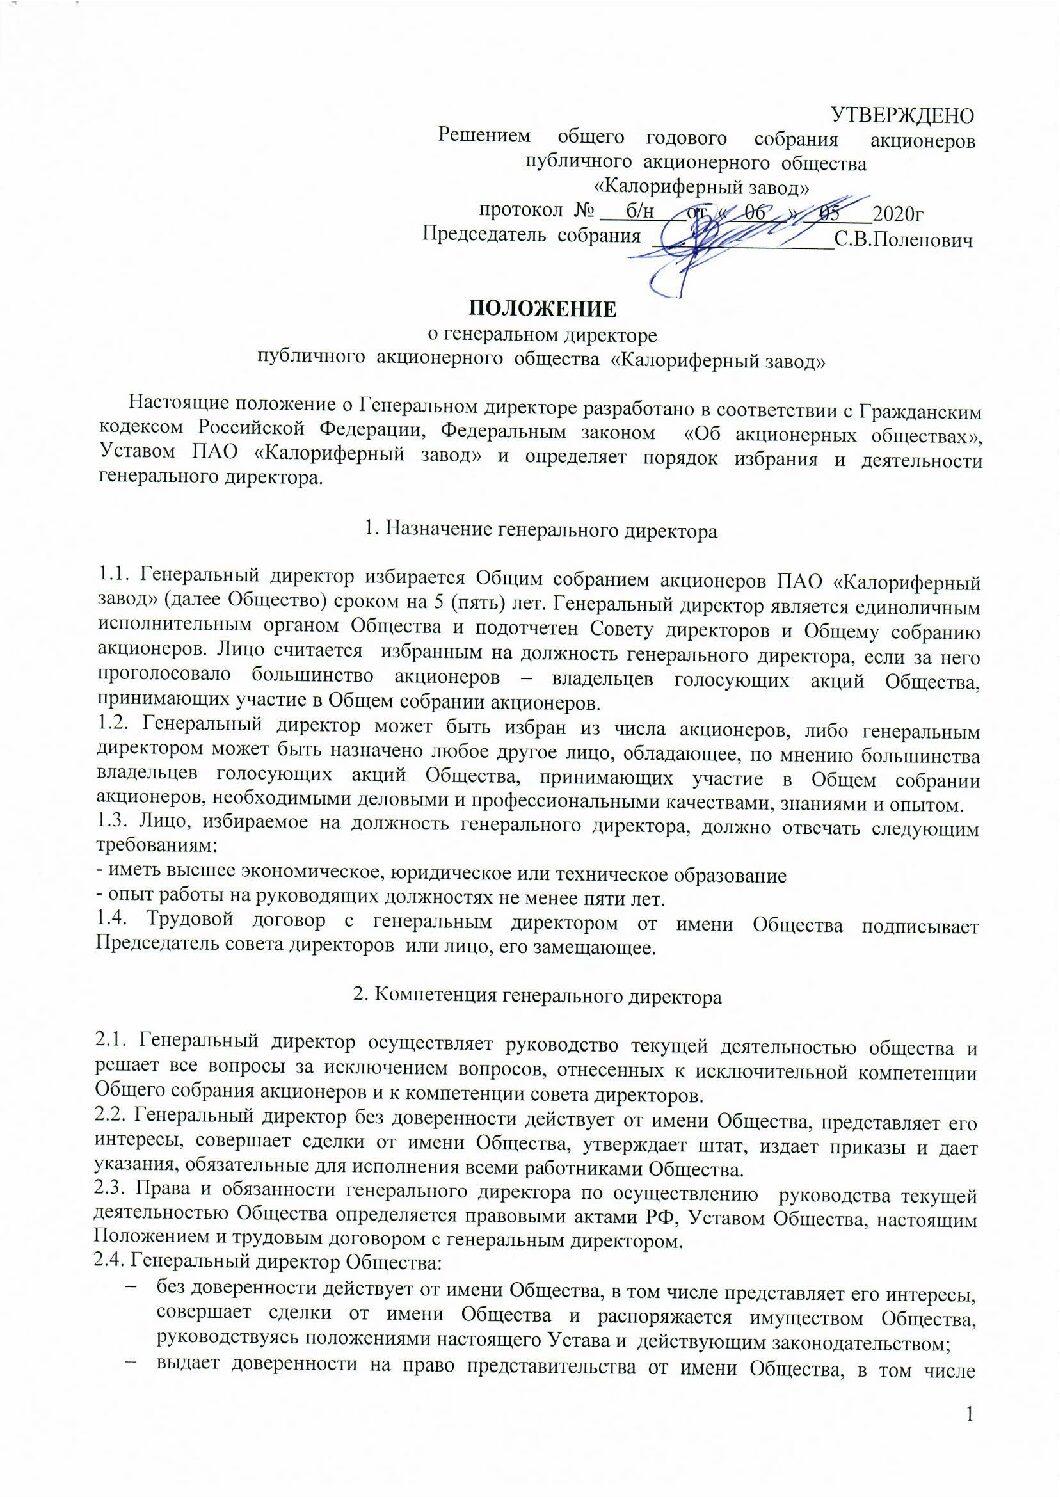 Положение о генеральном директоре ПАО «Калориферный завод» от 06.05.2020.